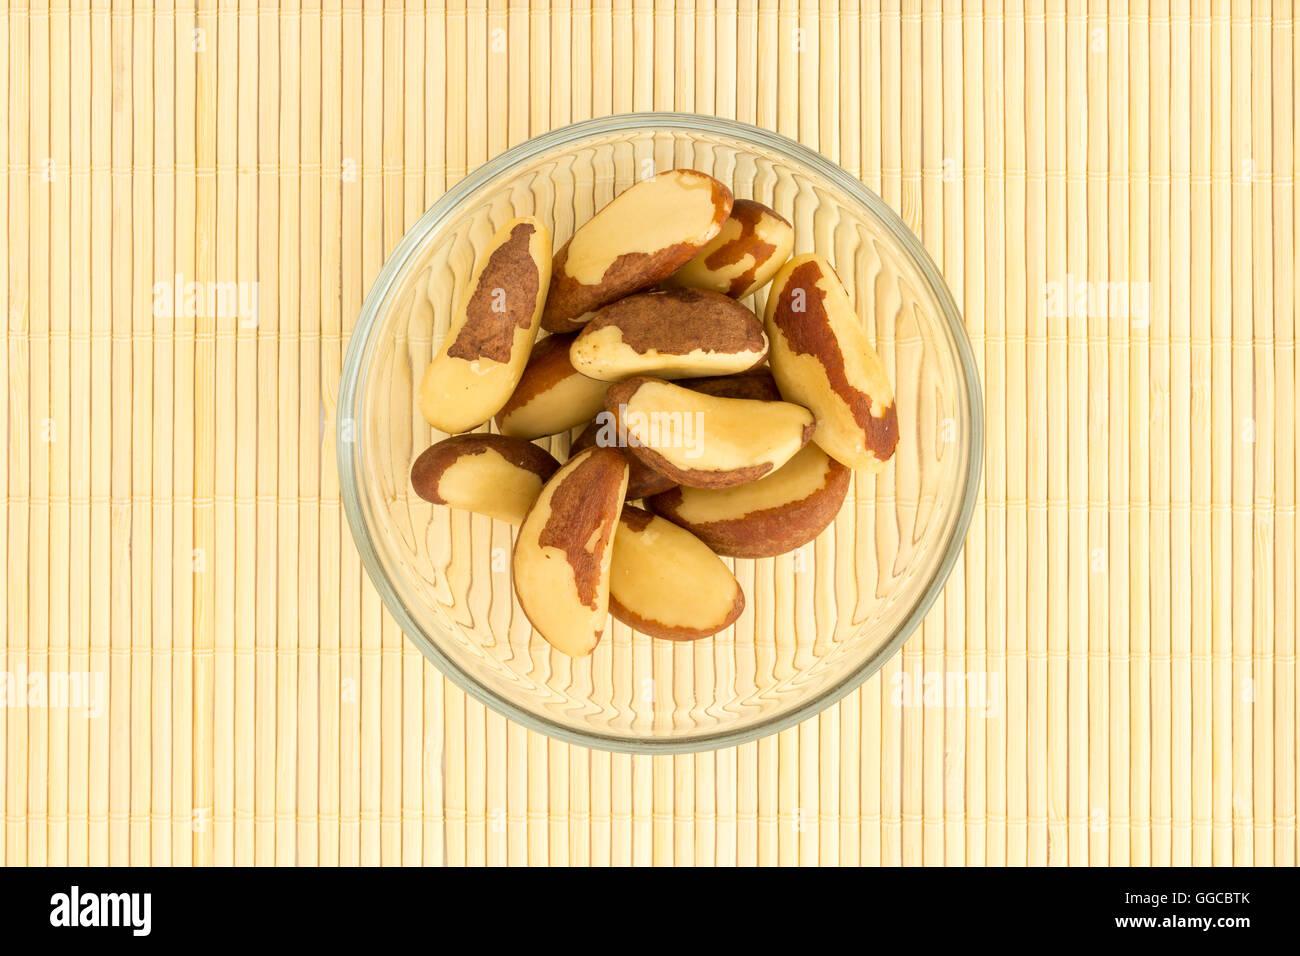 Vaso di vetro con le noci del Brasile su bambo mat. Questo dado è una ricca fonte di selenio e antiossidante Immagini Stock